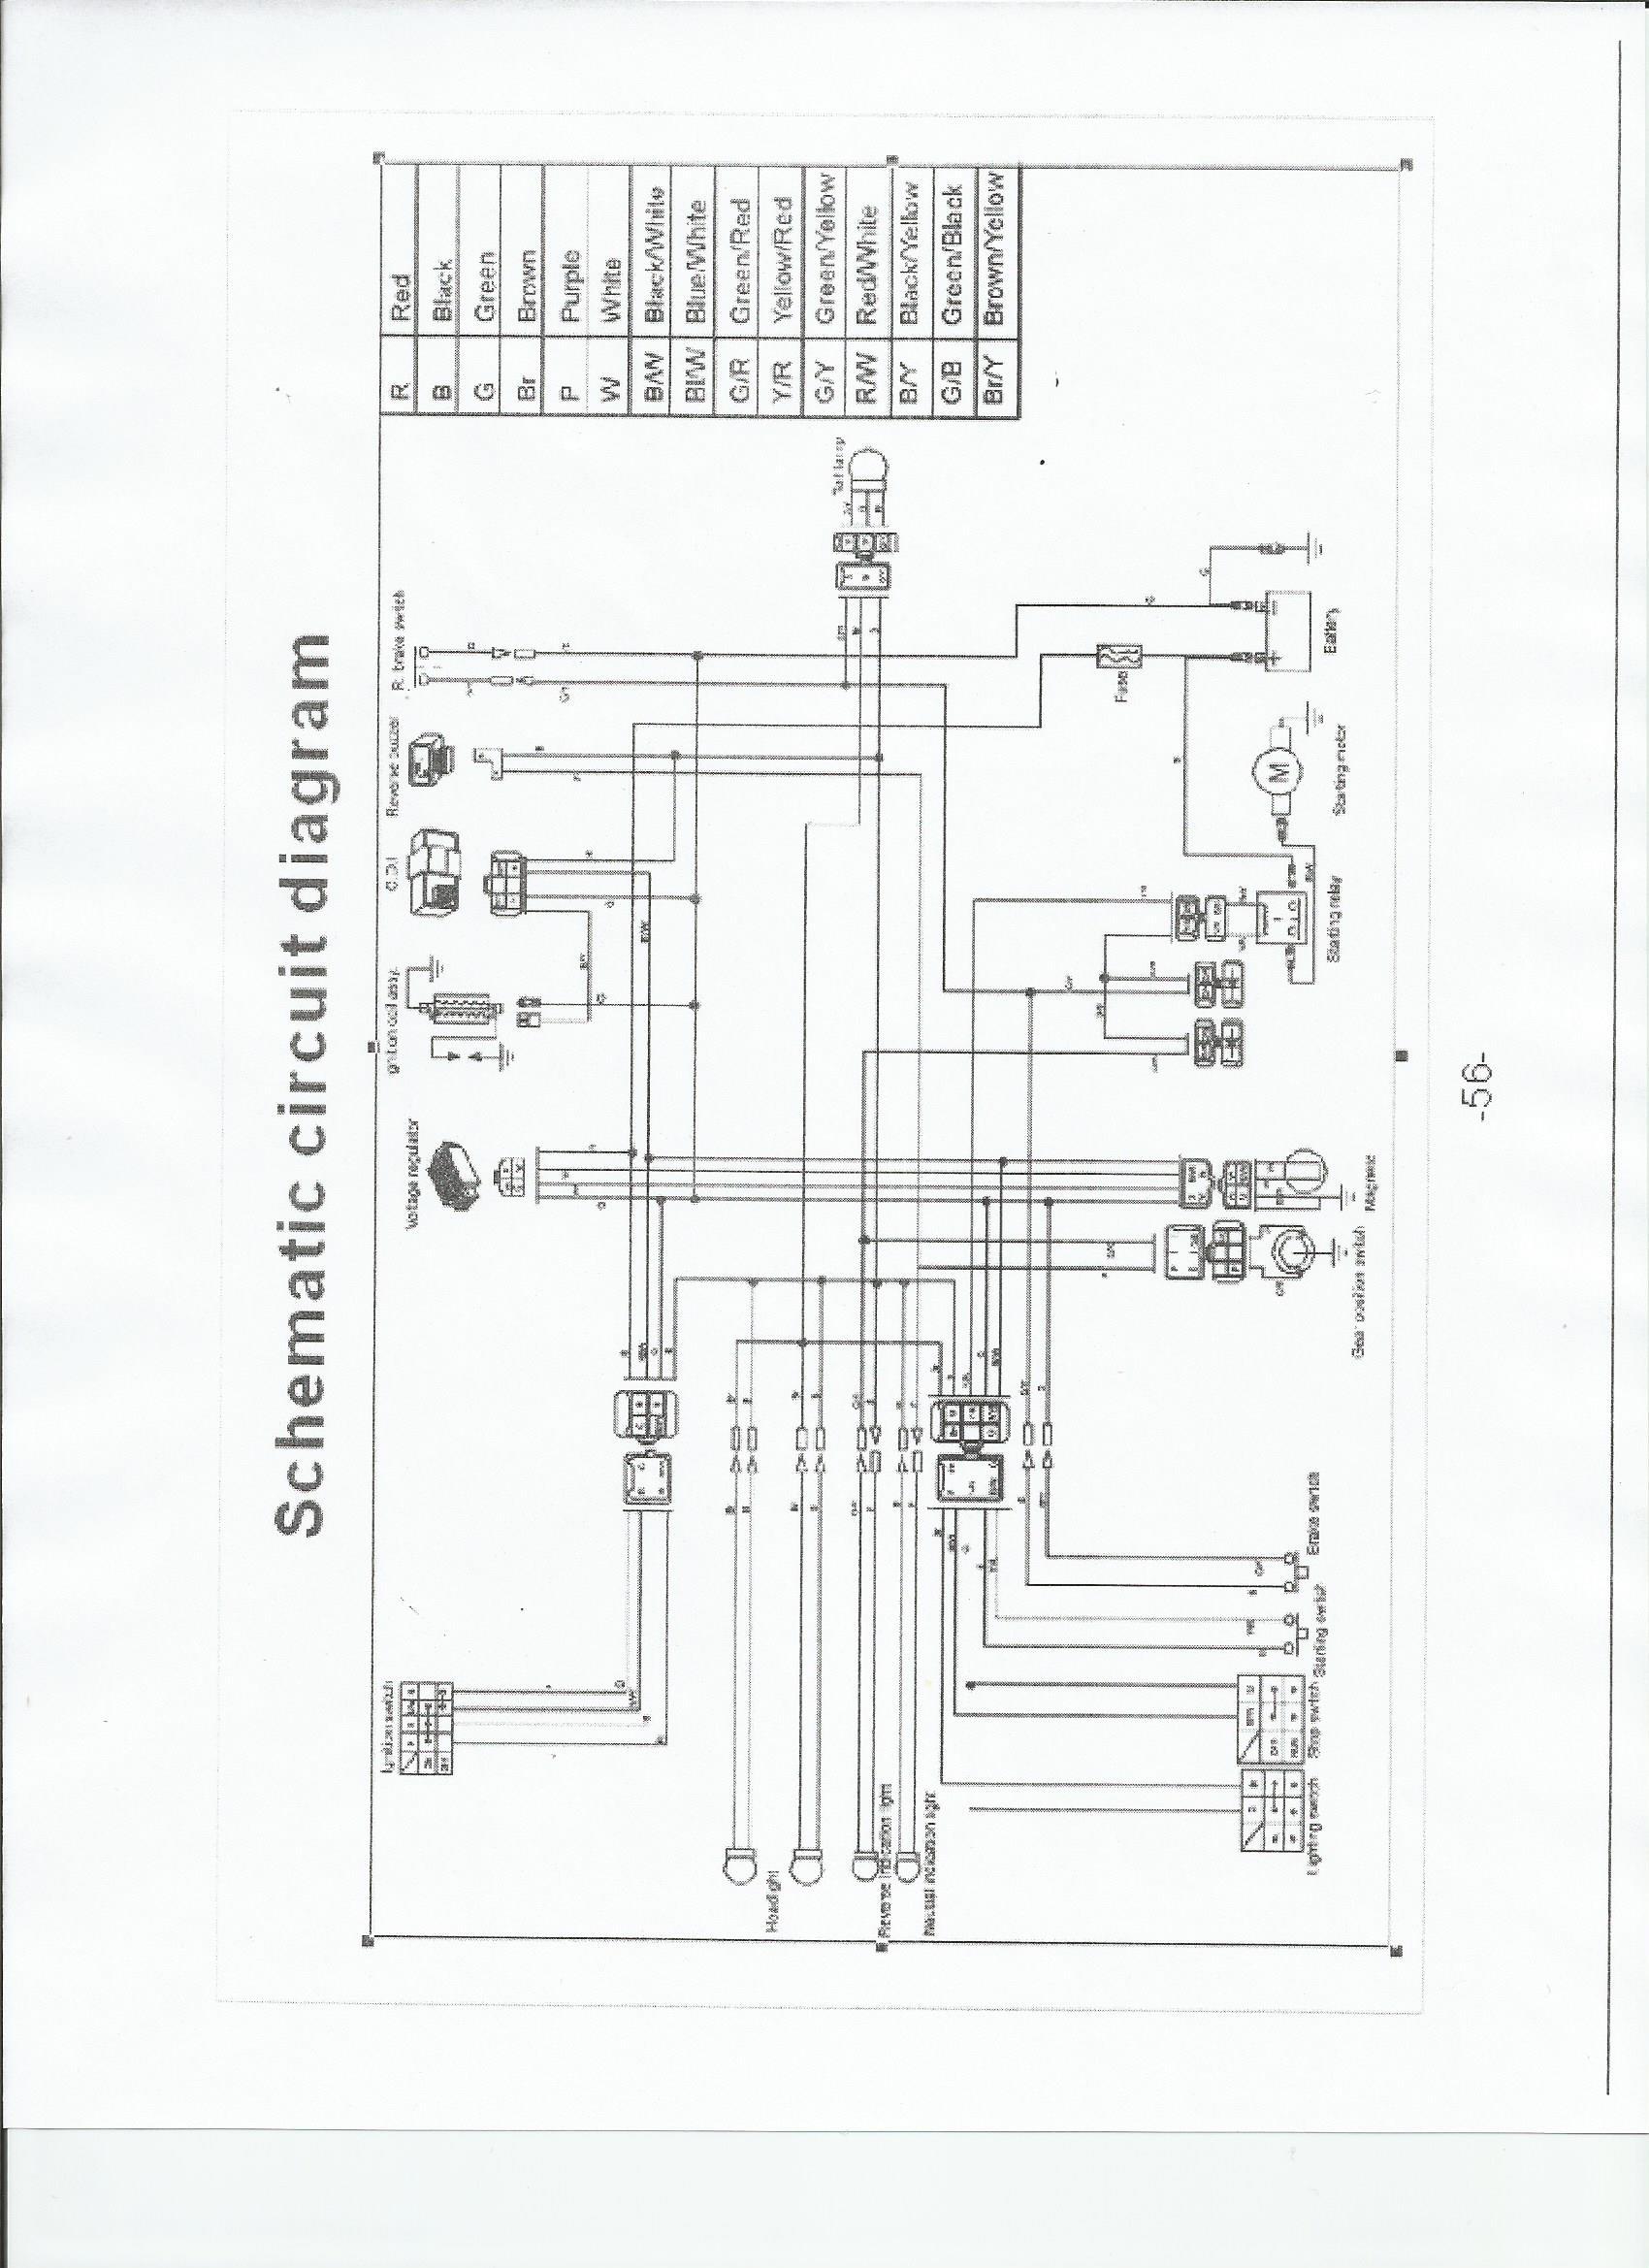 Tao Tao Wiring Schematic In Tao Tao 125 Atv Wiring Diagram - Wiring - Taotao 125 Atv Wiring Diagram